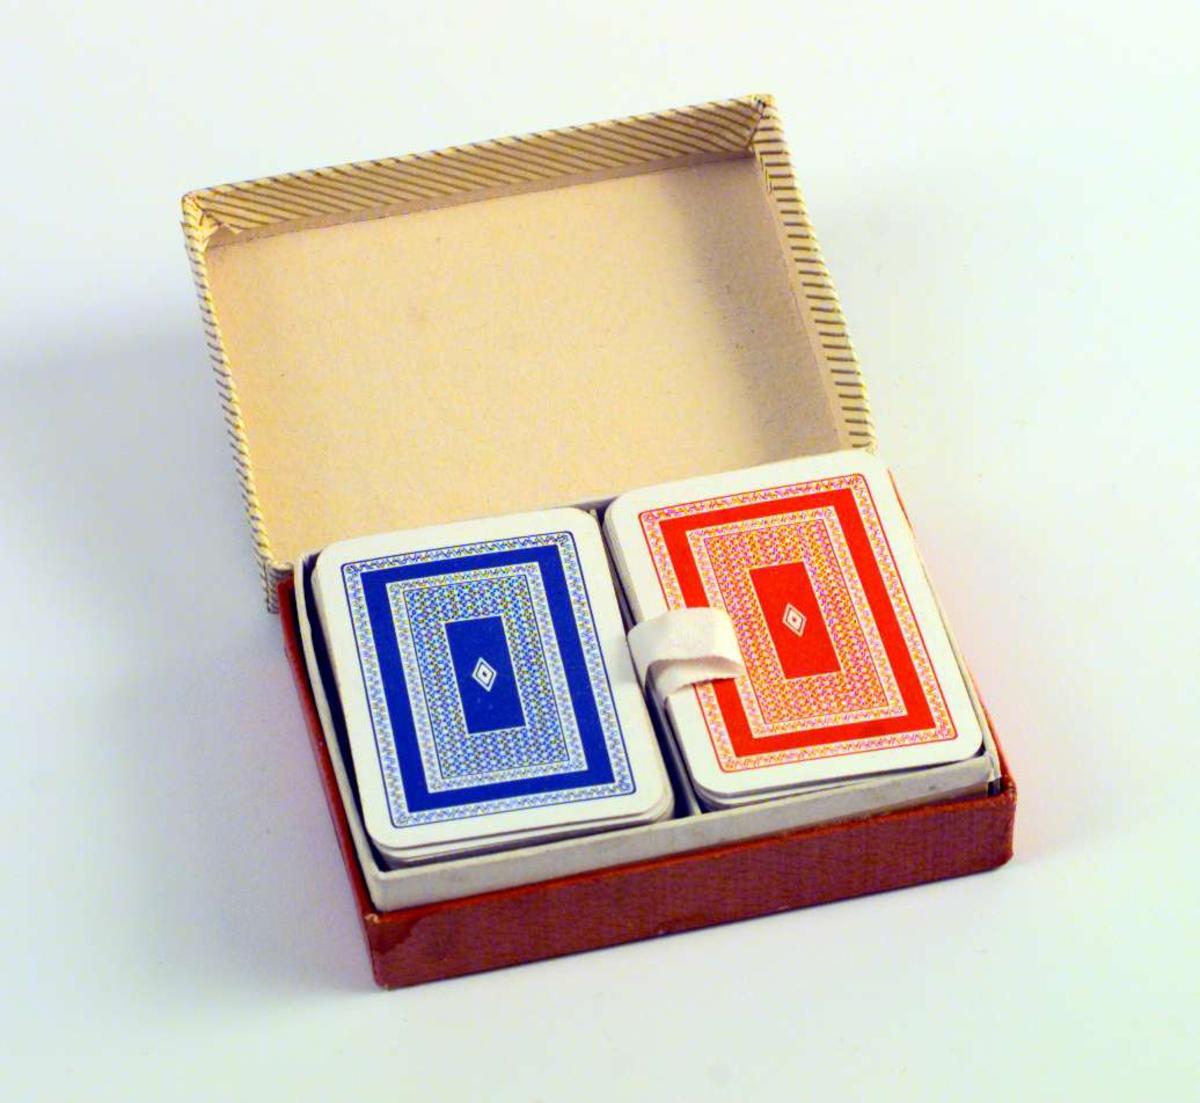 To kortstokker i en eske. Den ene kortstokken er rød og hvit, den andre blå og hvit. Esken er rosa med stripete gult og gyldent lokk.